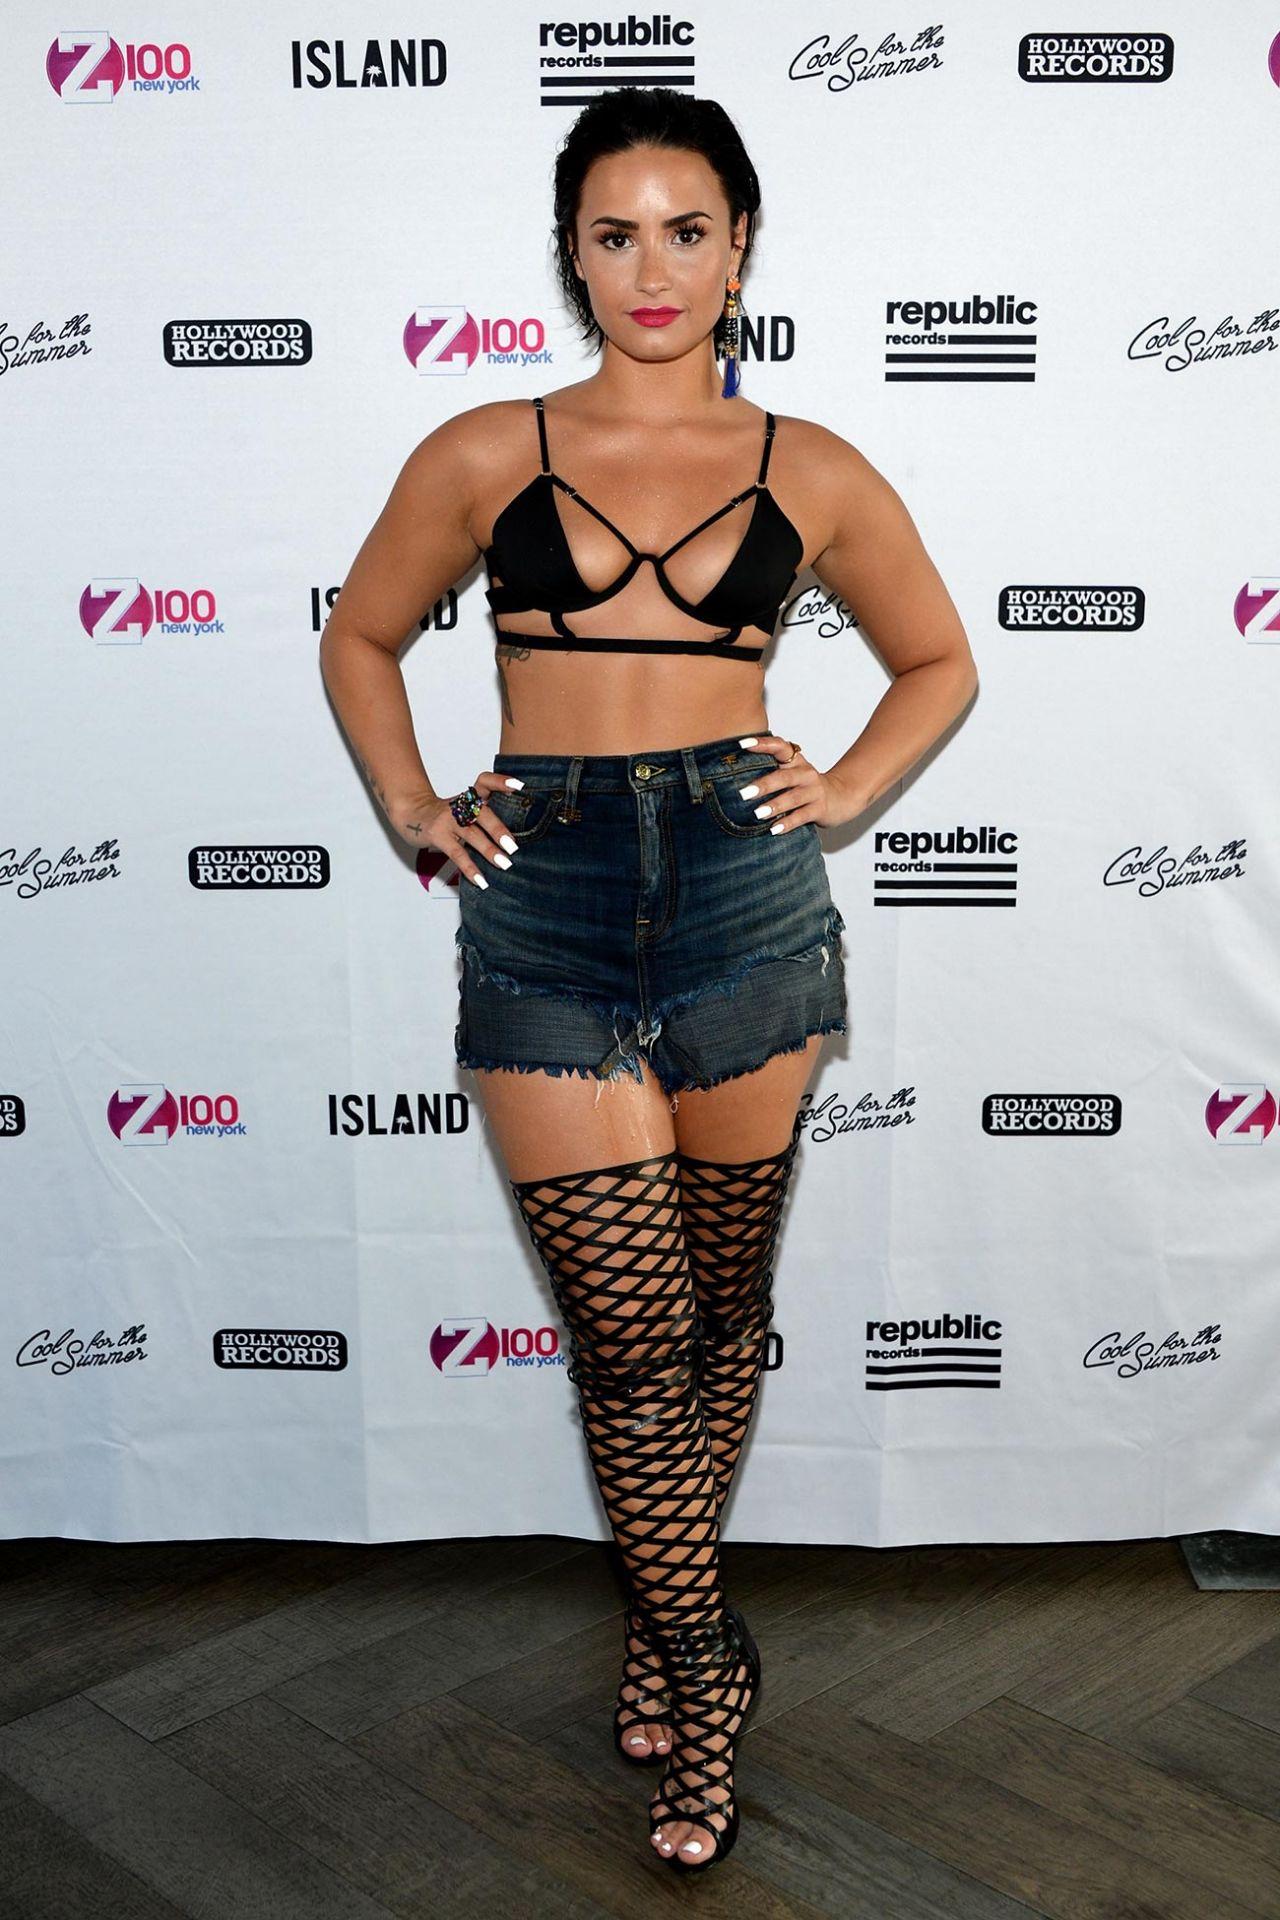 image Demi lovato live sexy compilation 3